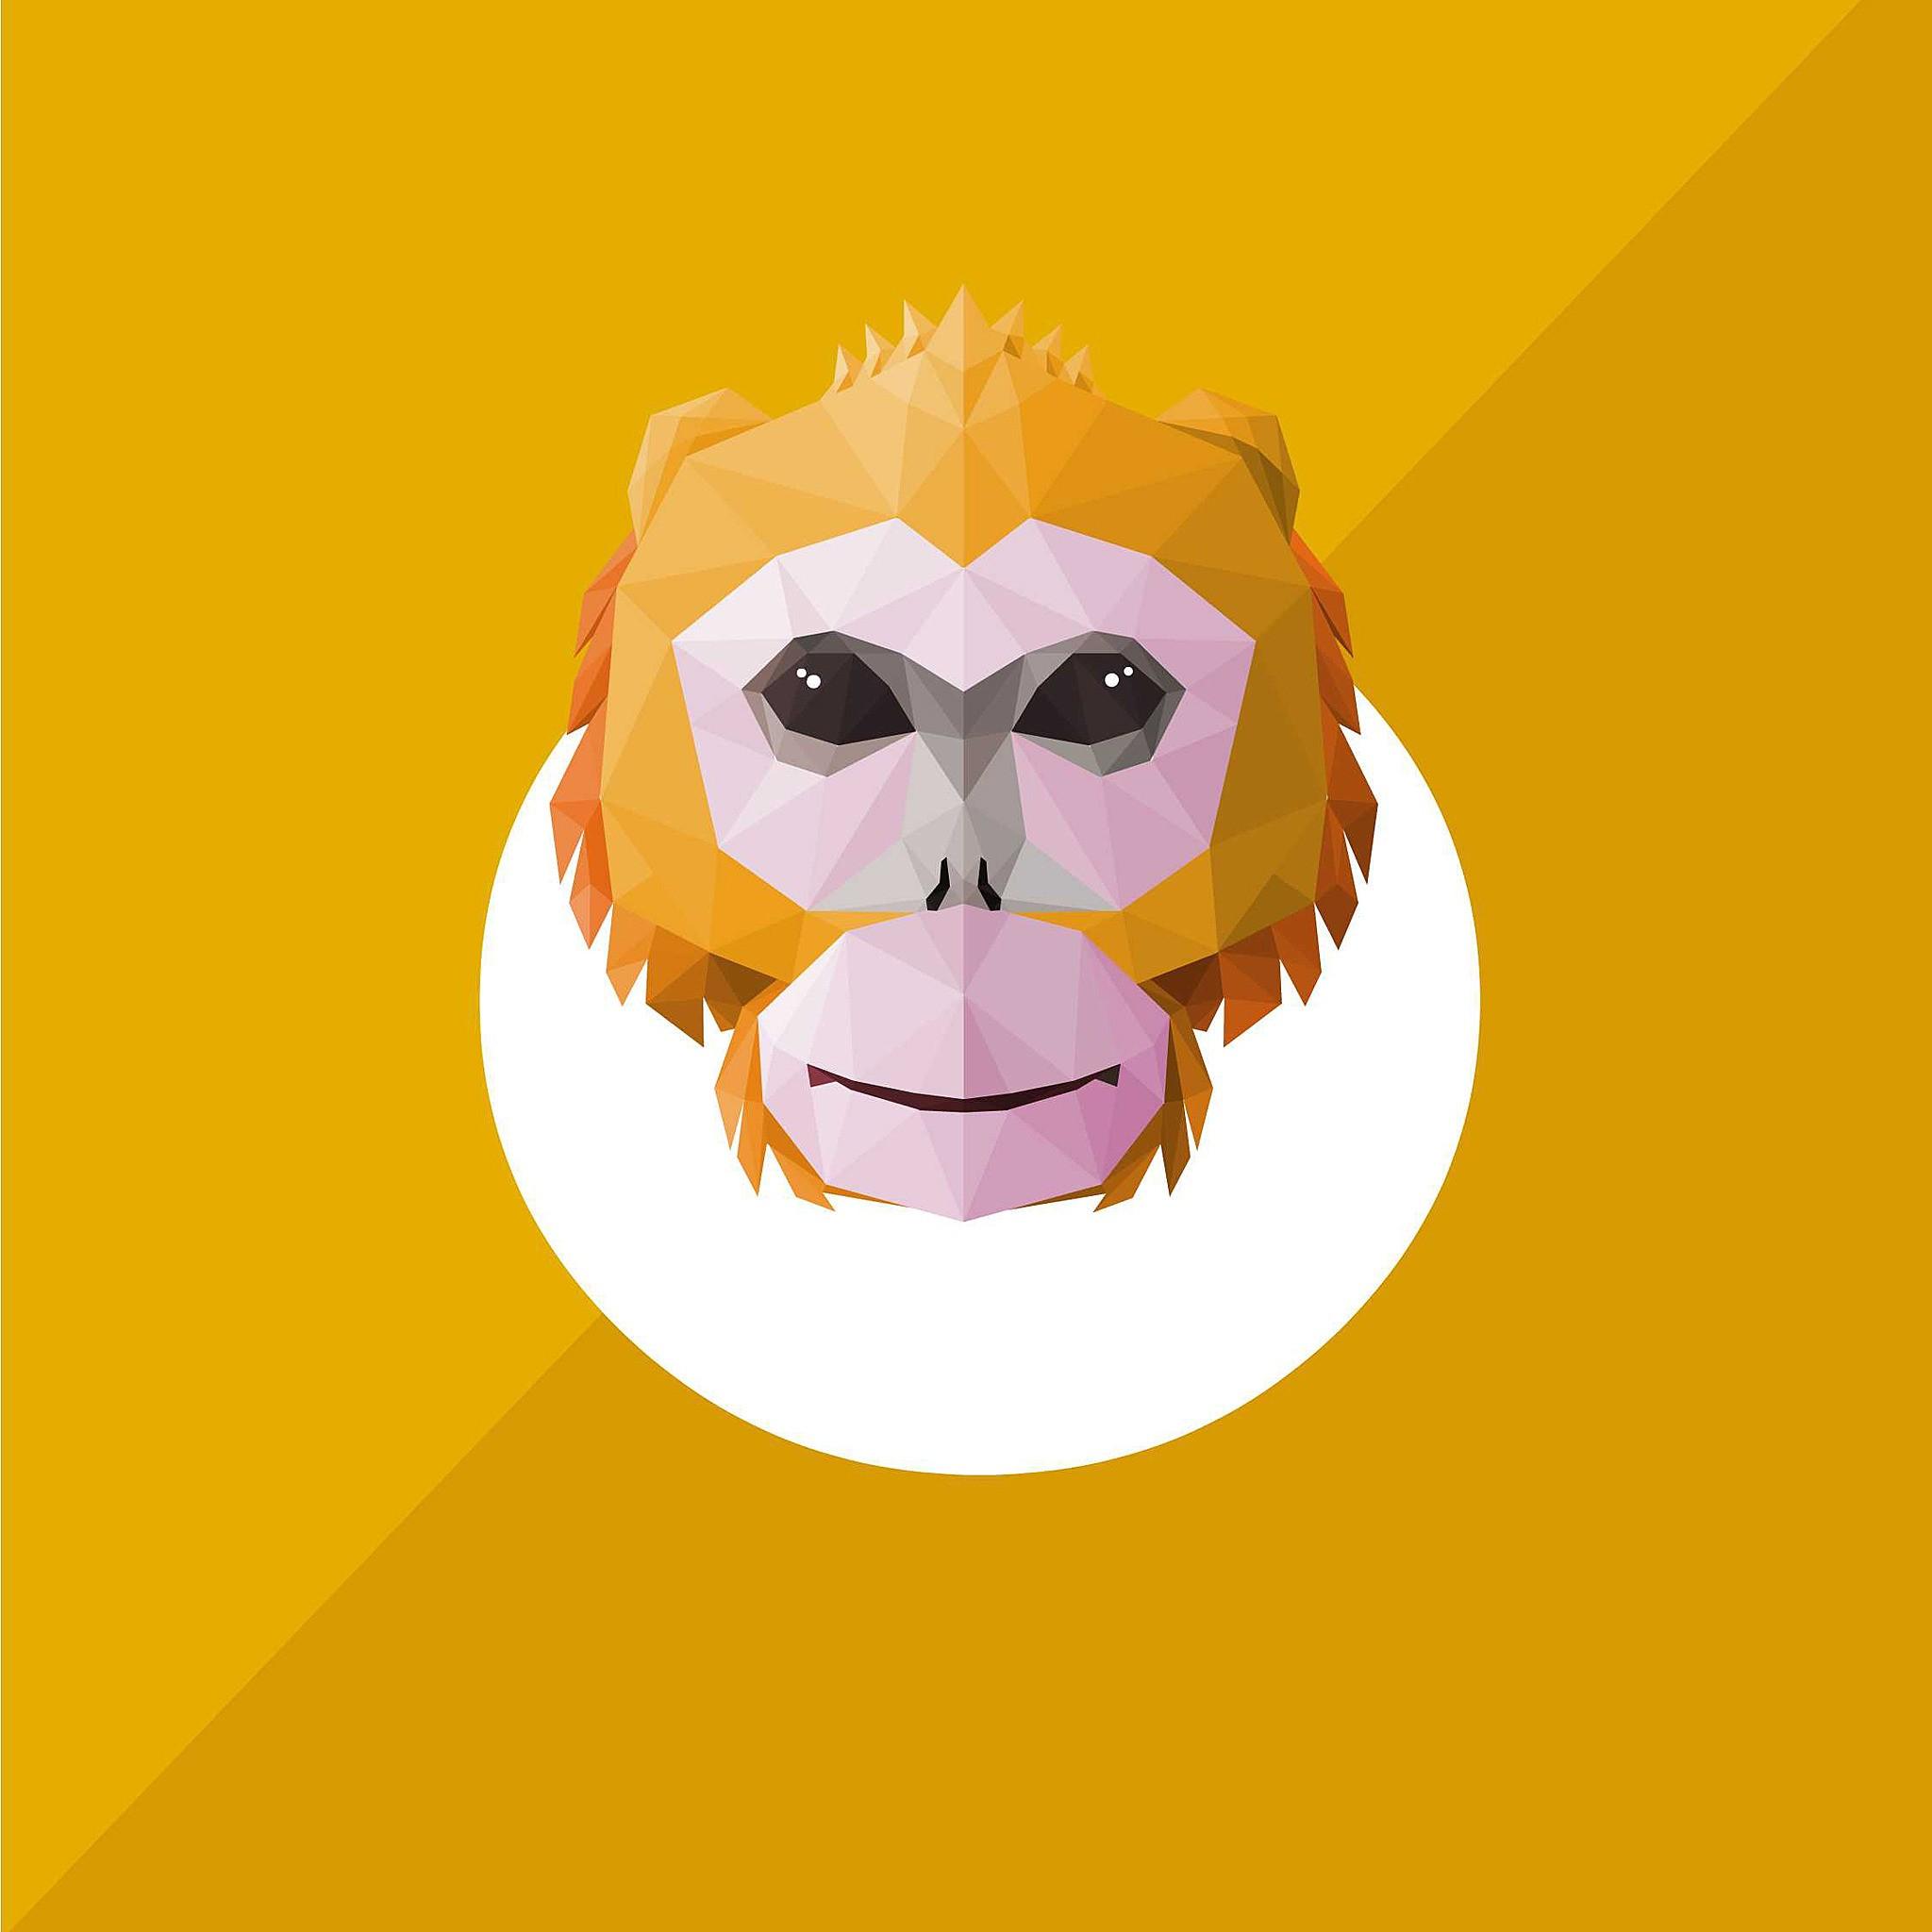 十二生肖3-金猴降妖